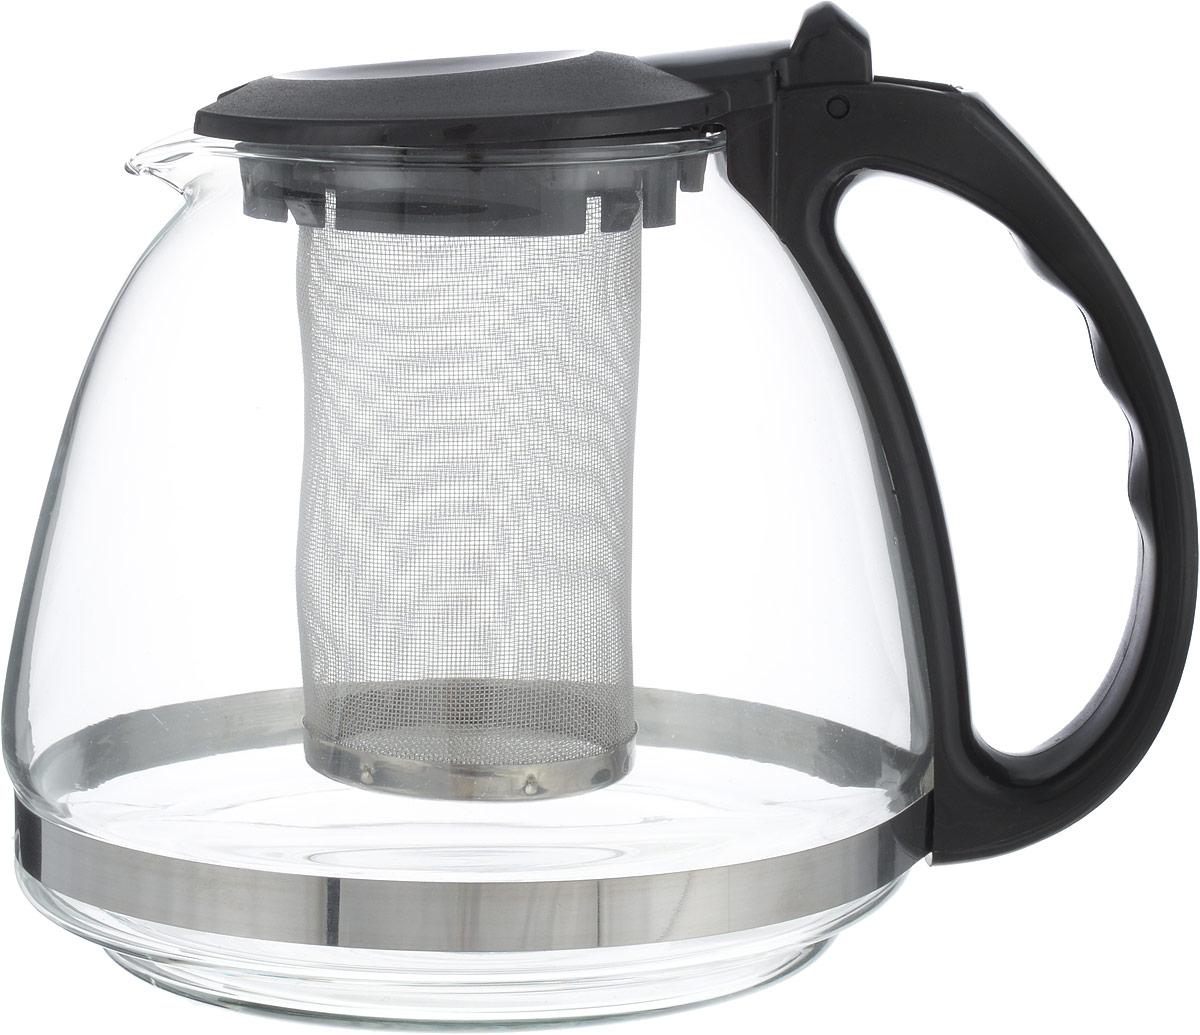 Чайник заварочный Irit, цвет: черный, 1,3 лKTZ-13-001Чайник заварочный изготовлен из термостойкого ненагревающегося пластика и ударостойкого жаропрочного стекла. Съемный фильтр-ситечко из высококачественной хромо-никелевой нержавеющей стали с мелкими ячейками для чая разных сортов и разной степени измельчения рассчитан на оптимальное количество заварки при разных объемах чайников. Аккуратный птичий носик, из которого чай течет непосредственно в чашку, а не по выпуклому брюшку чайника.Устойчивое основание. Небольшой вес.